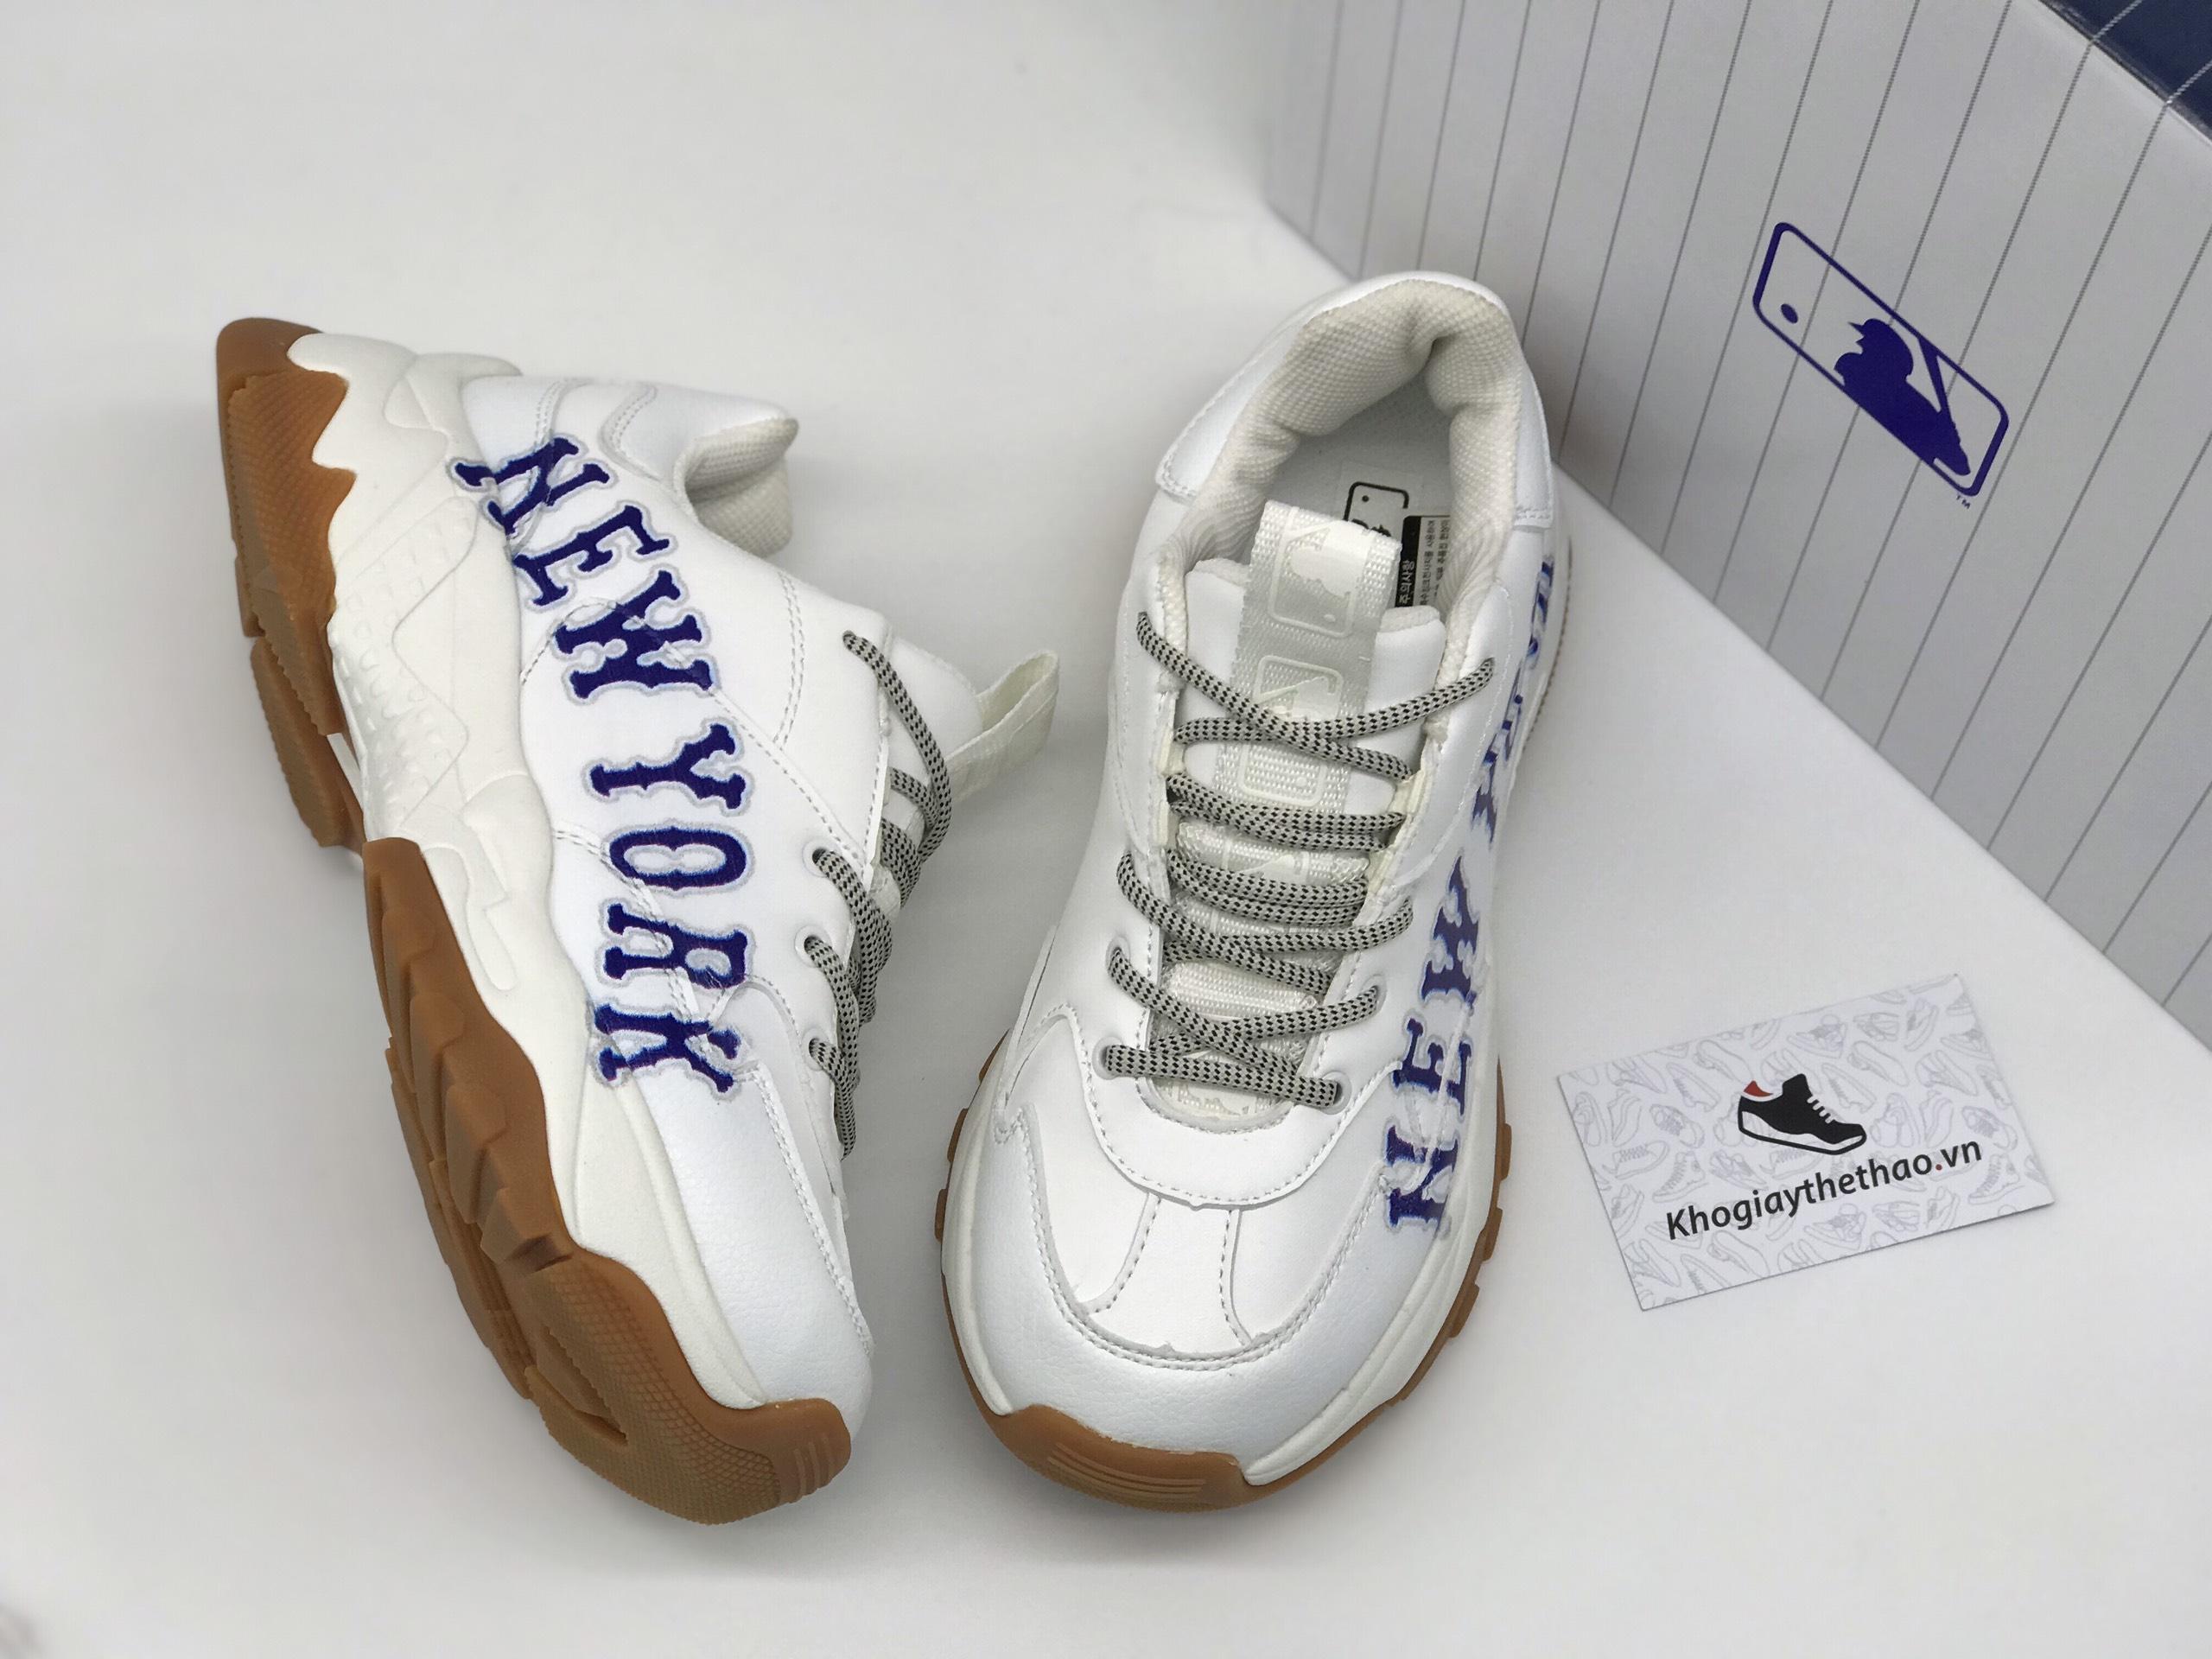 Giày MLB New York trắng chữ xanh rep